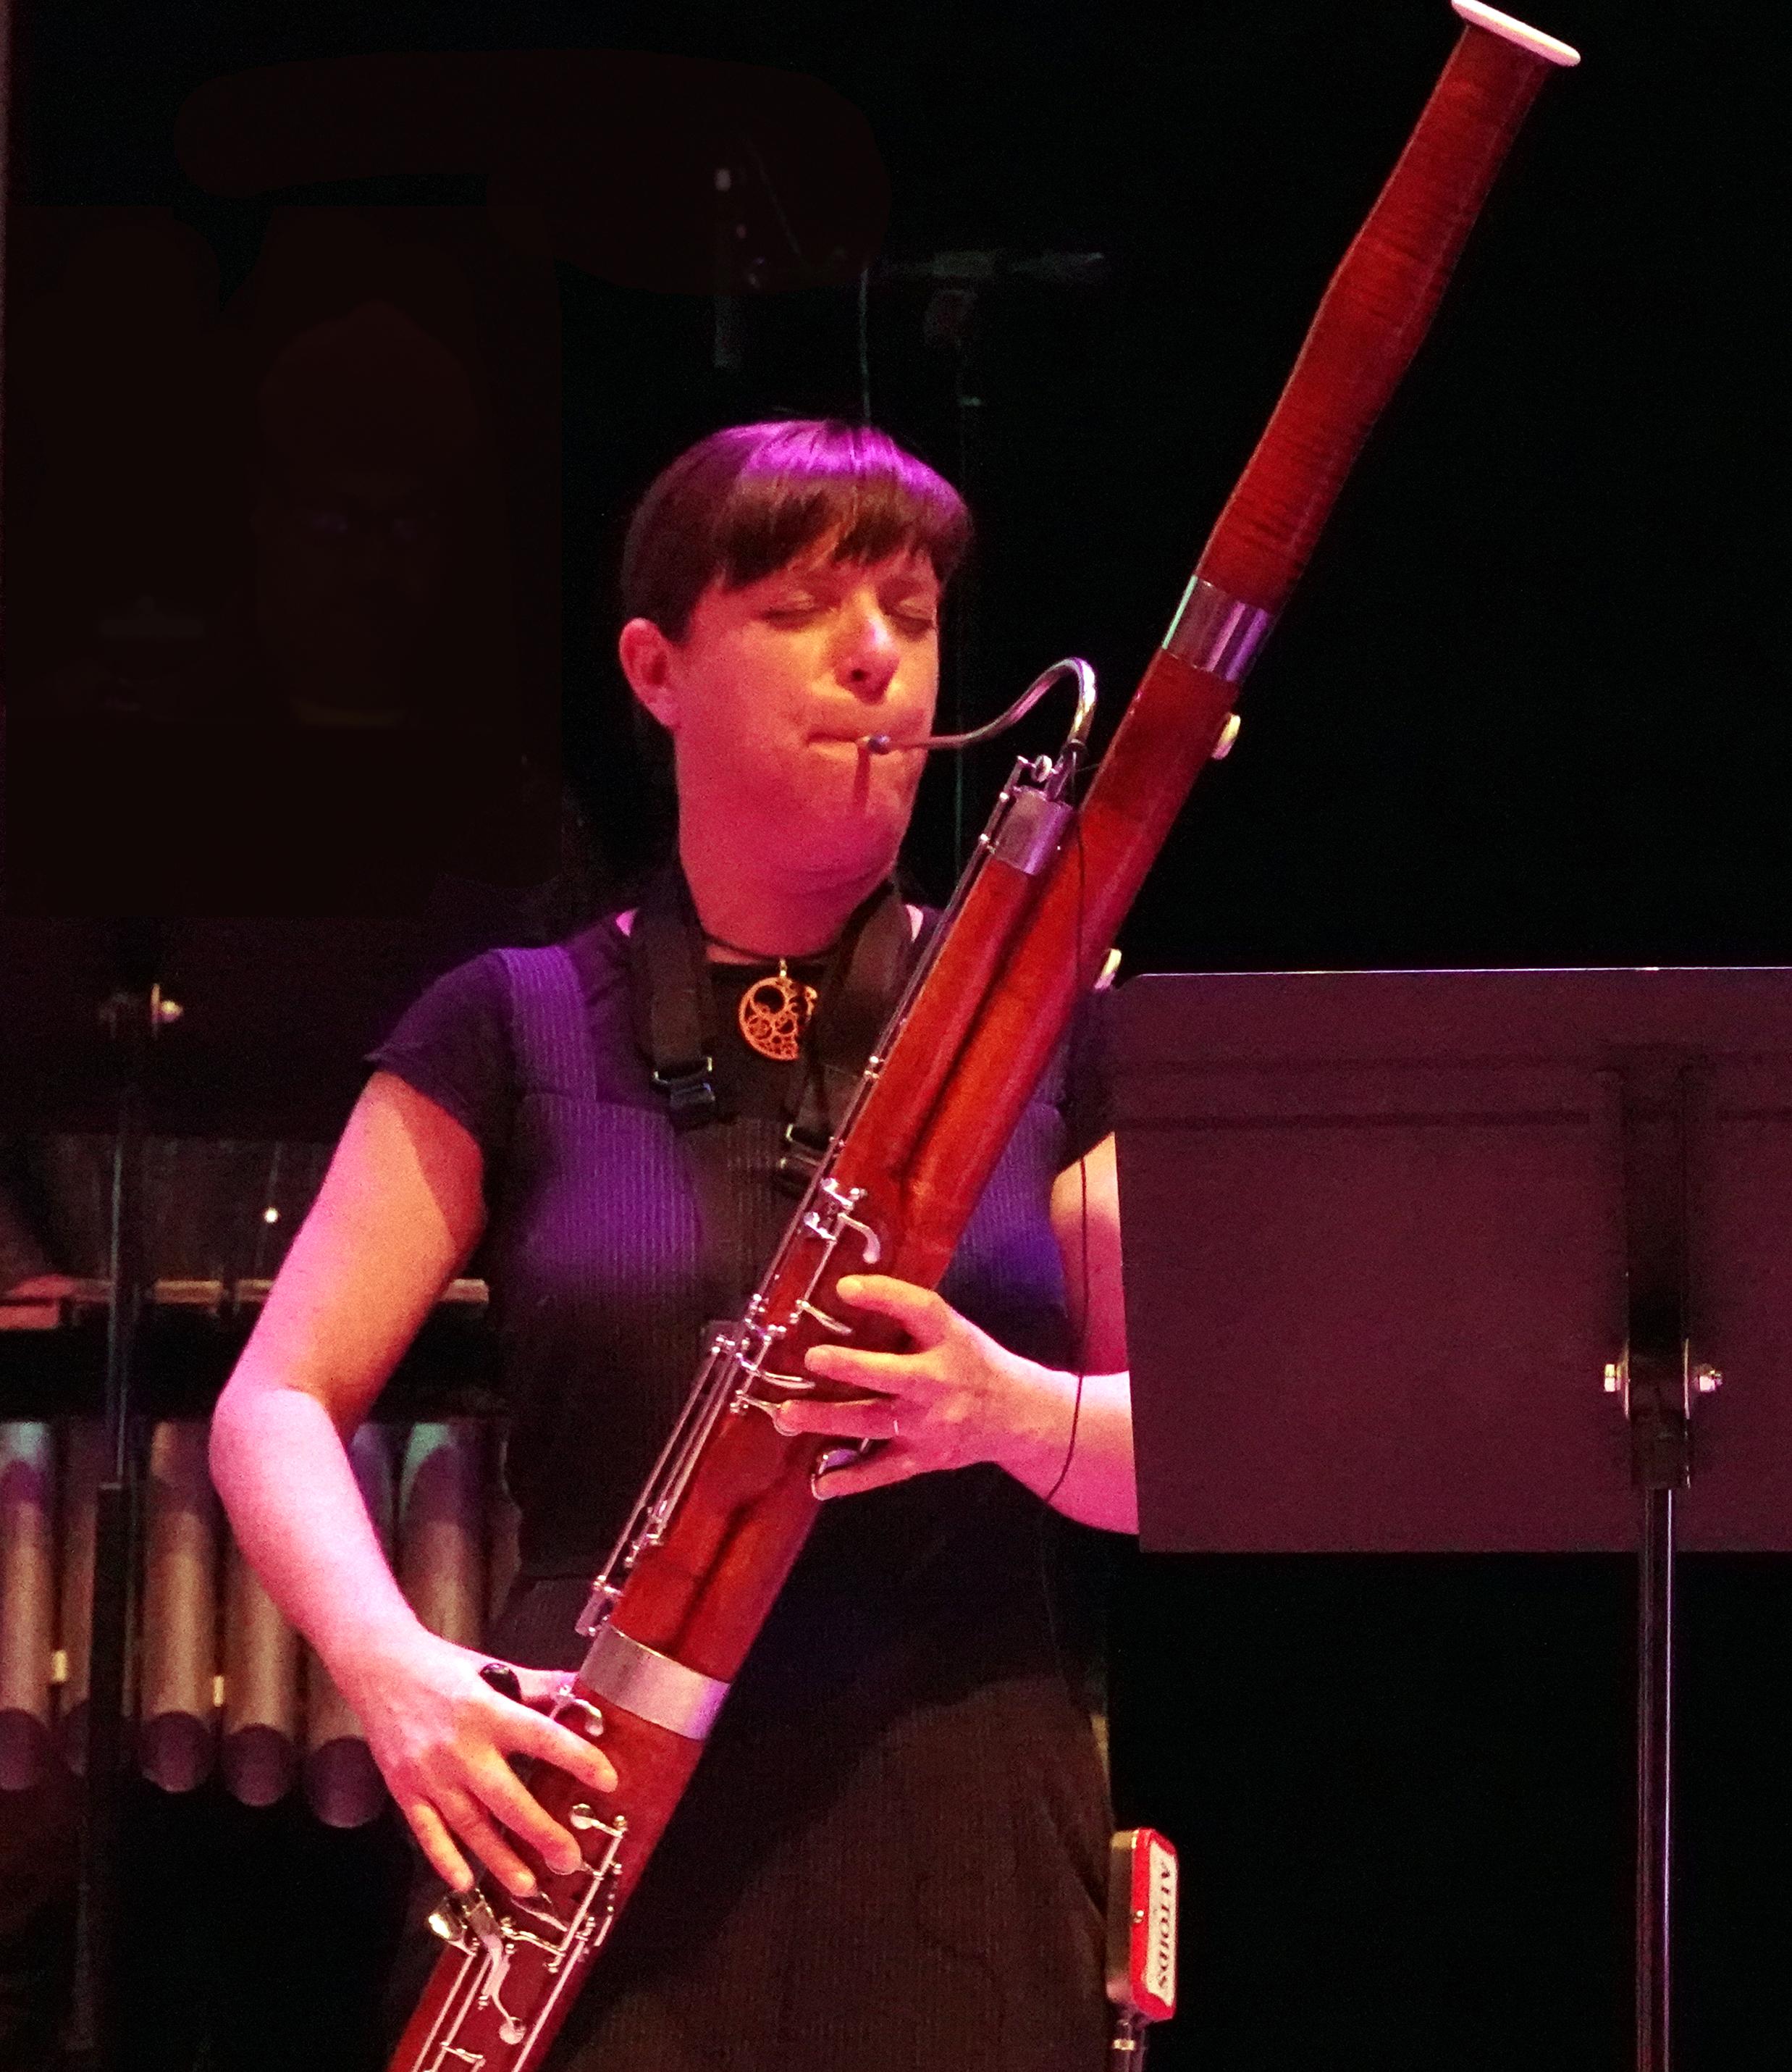 Sara Schoenbeck at 24th Annual Vision Festival